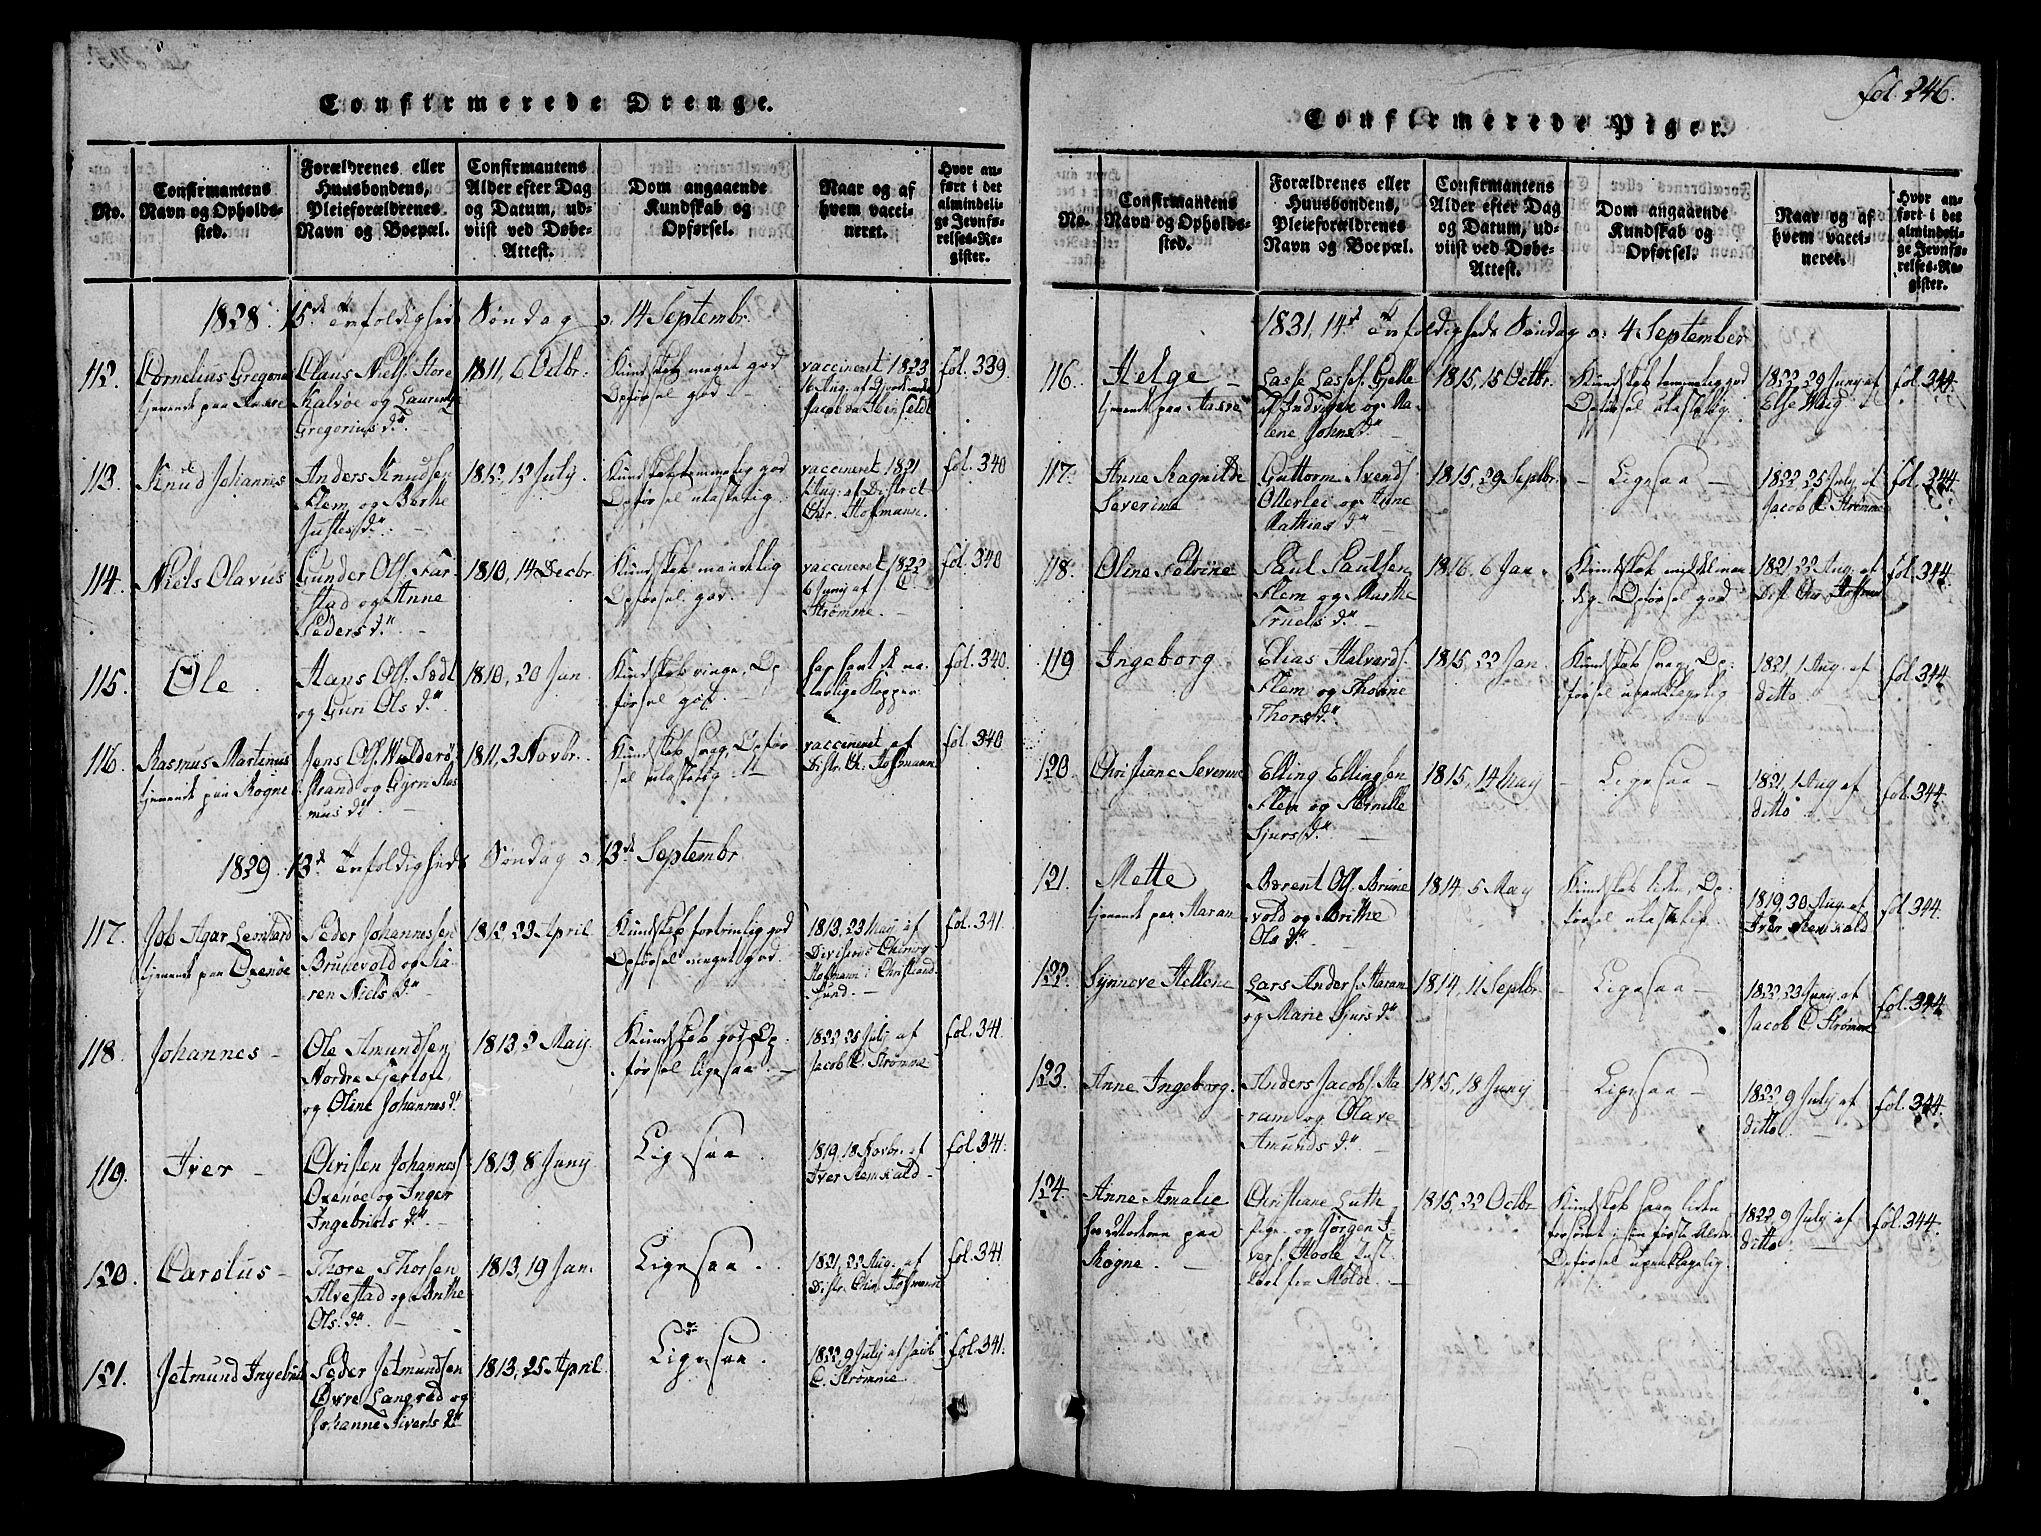 SAT, Ministerialprotokoller, klokkerbøker og fødselsregistre - Møre og Romsdal, 536/L0495: Ministerialbok nr. 536A04, 1818-1847, s. 246